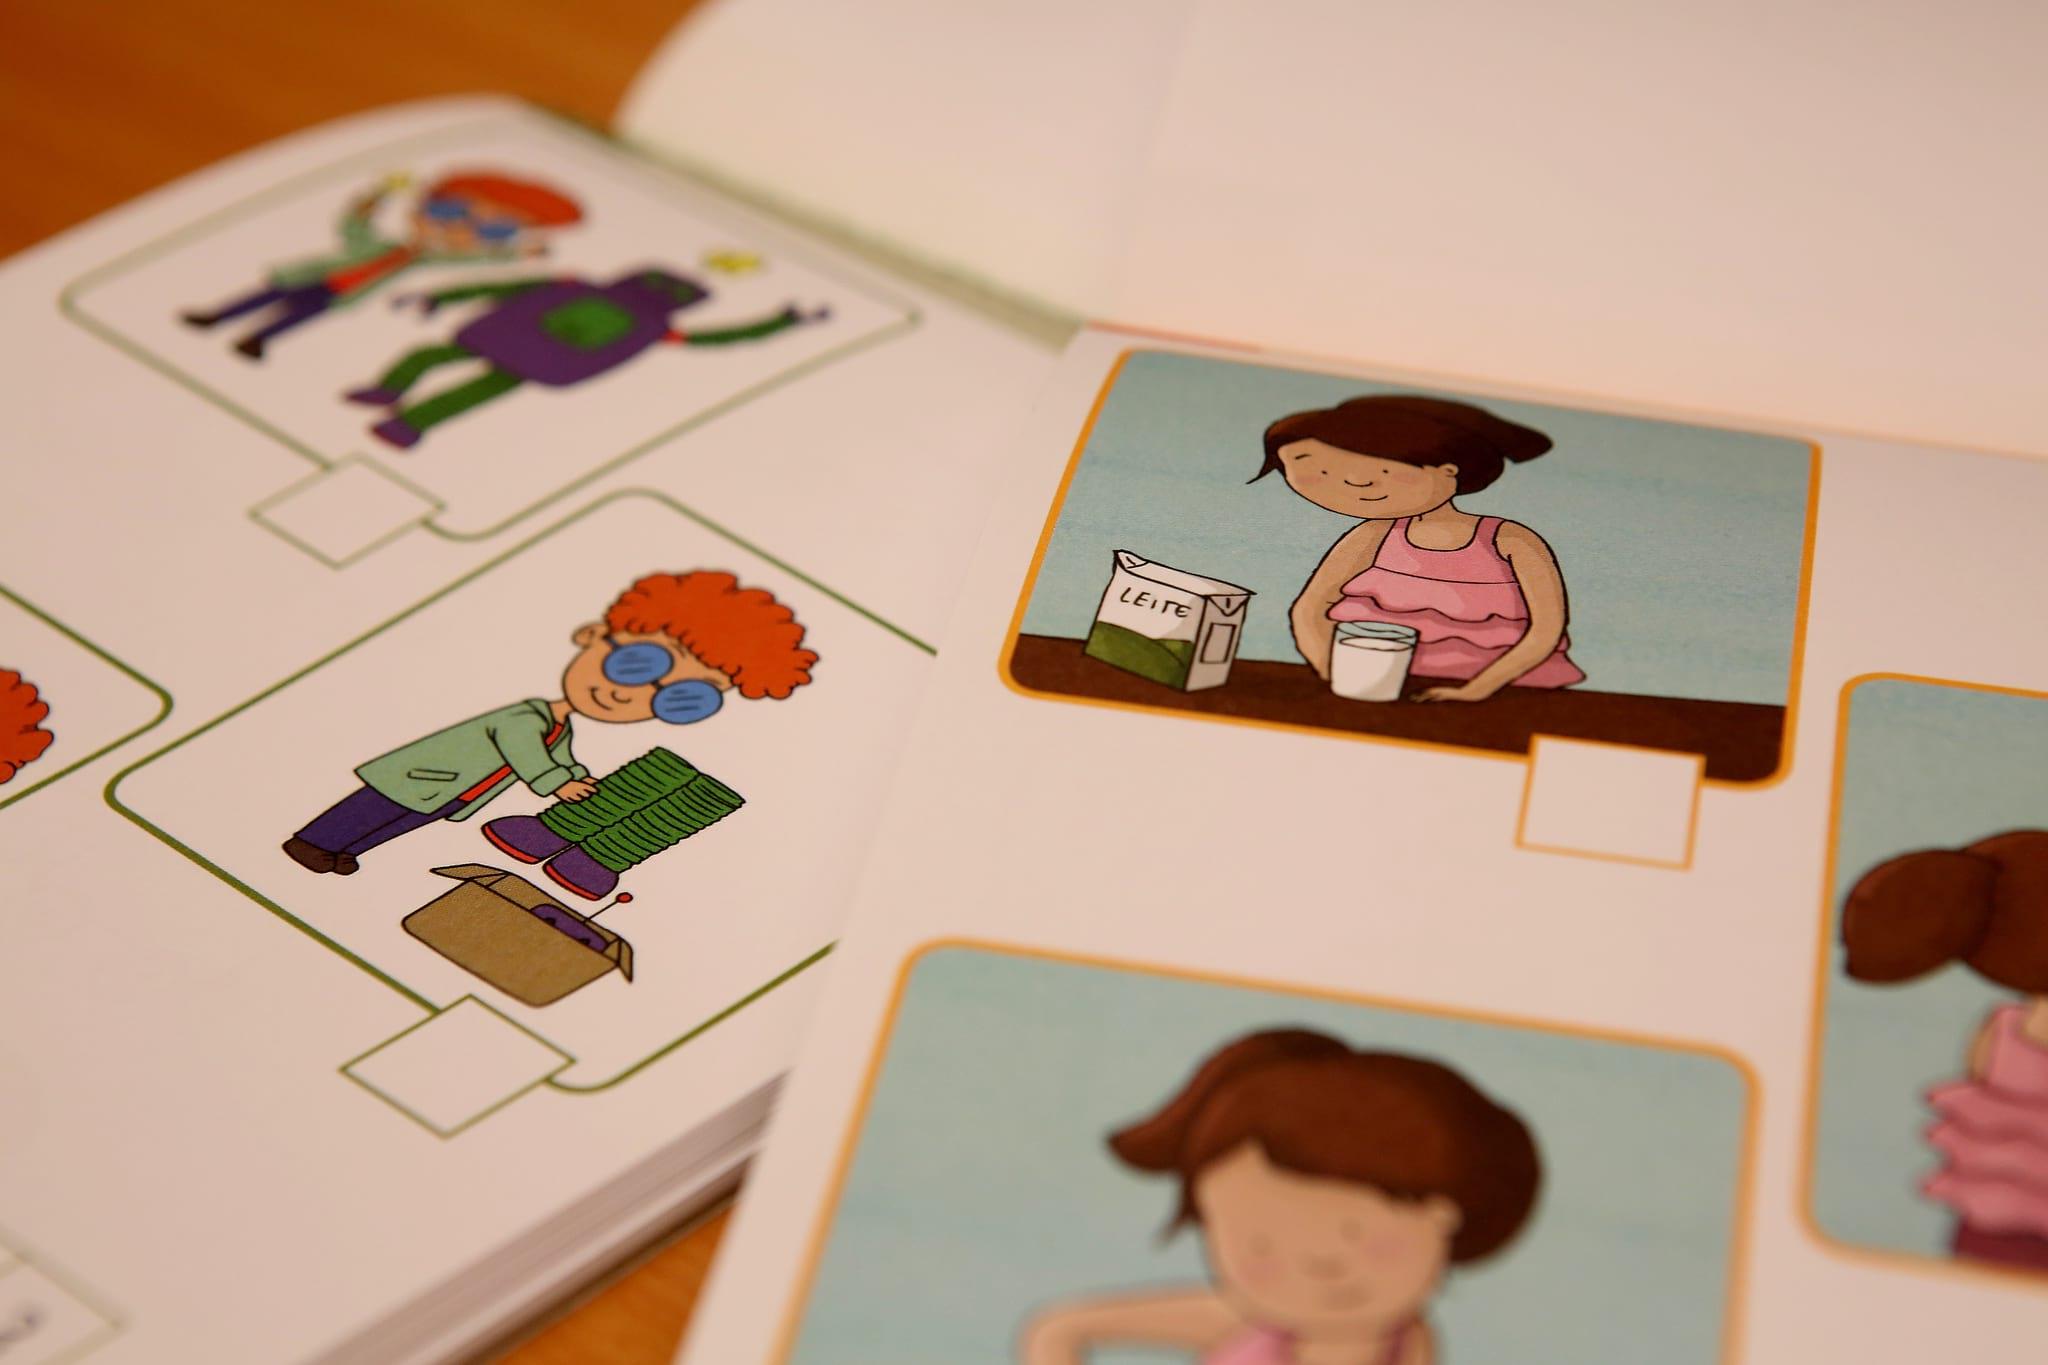 PÚBLICO - Comissão da Igualdade e Porto Editora vão produzir conteúdos em conjunto